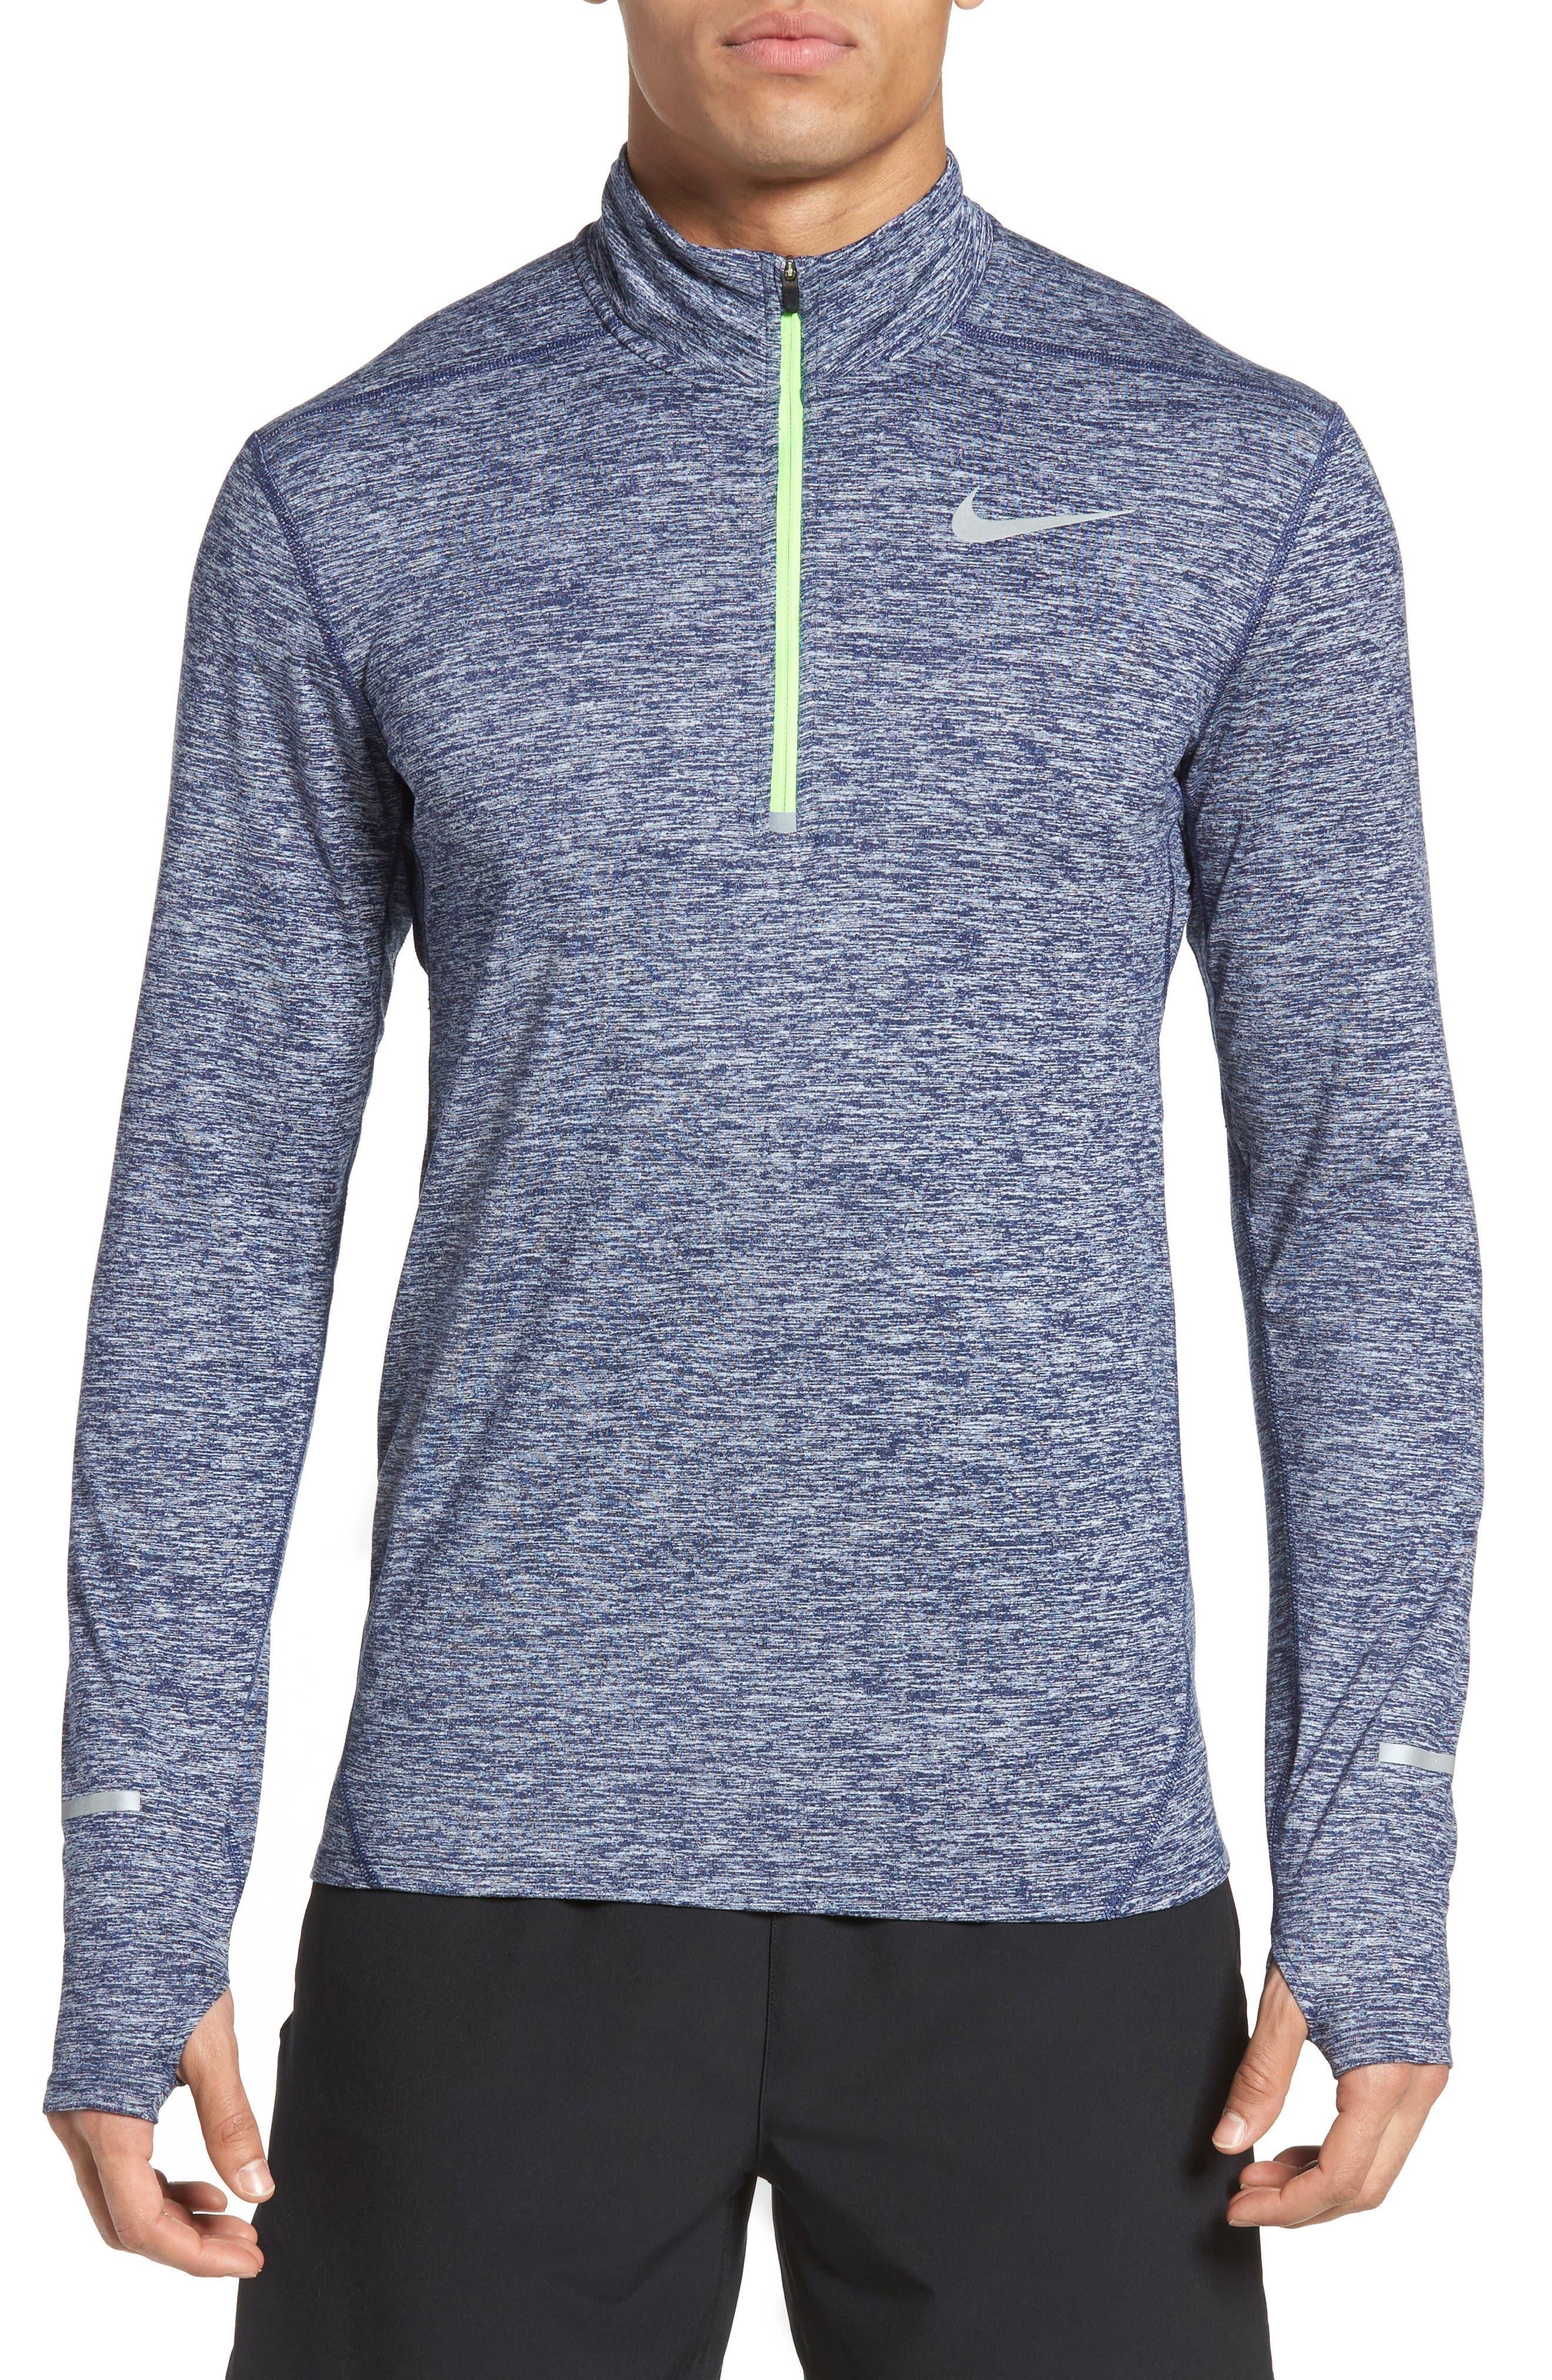 Alternate Image 1 Selected - Nike 'Element' Dri-FIT Quarter Zip Running Top